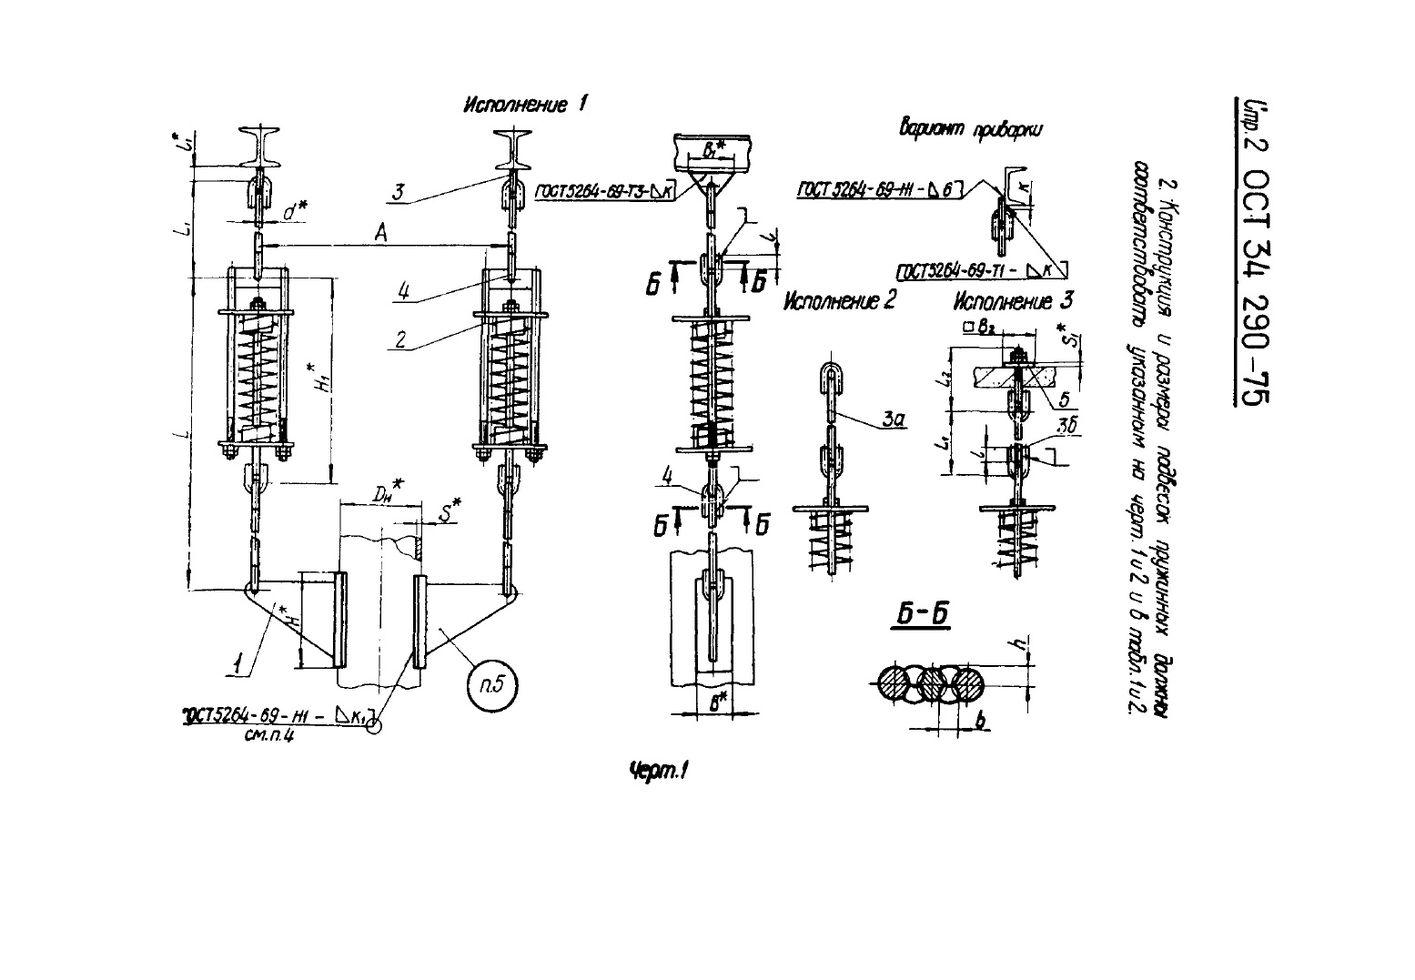 Подвески пружинные на плавниках ОСТ 34 290-75 стр.2